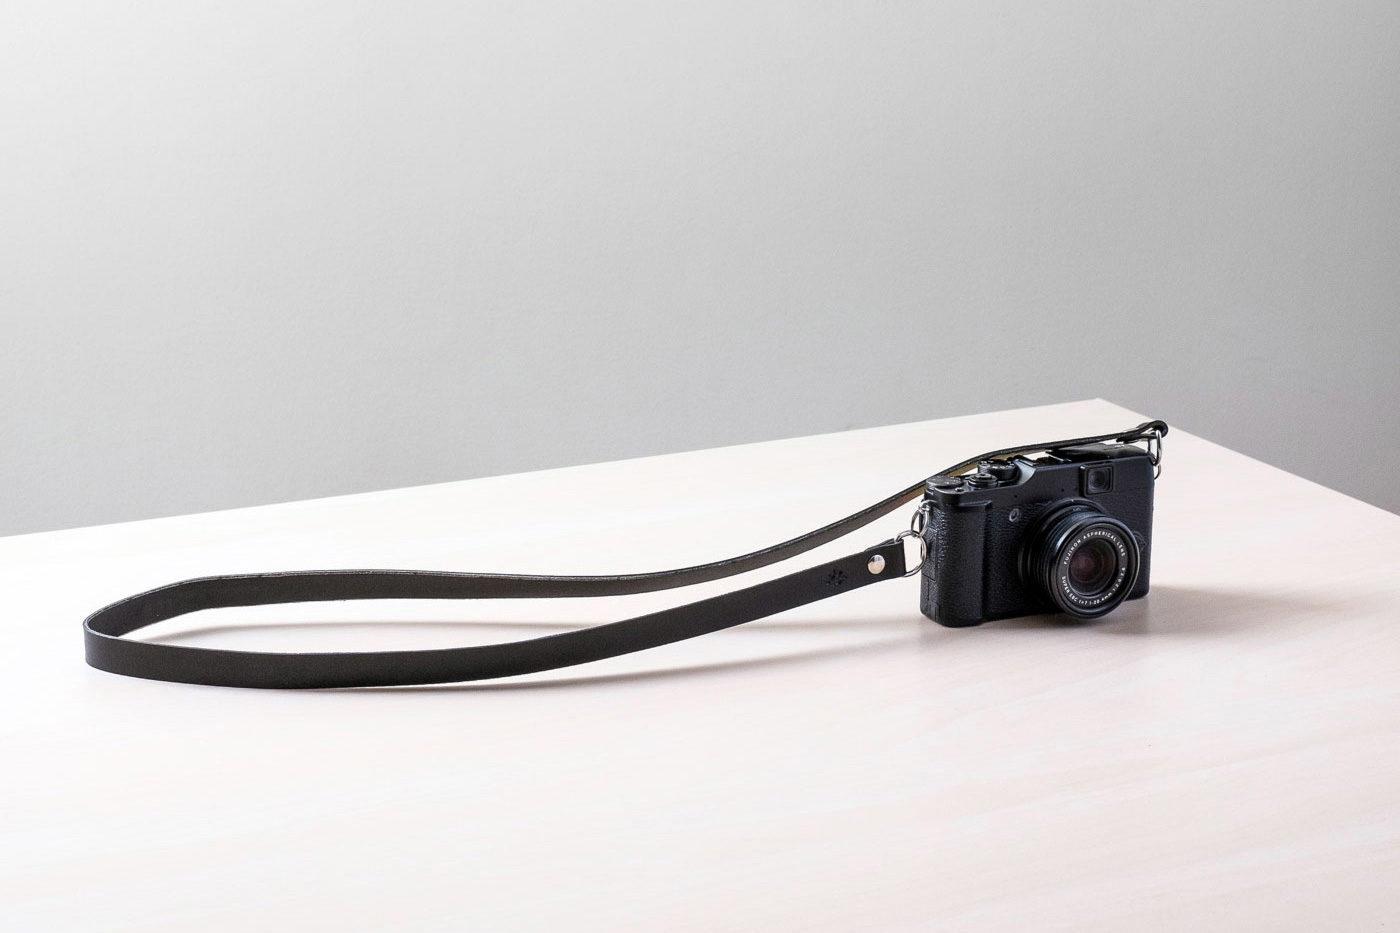 Correa de cuero para cámara de fotos Bretema negra